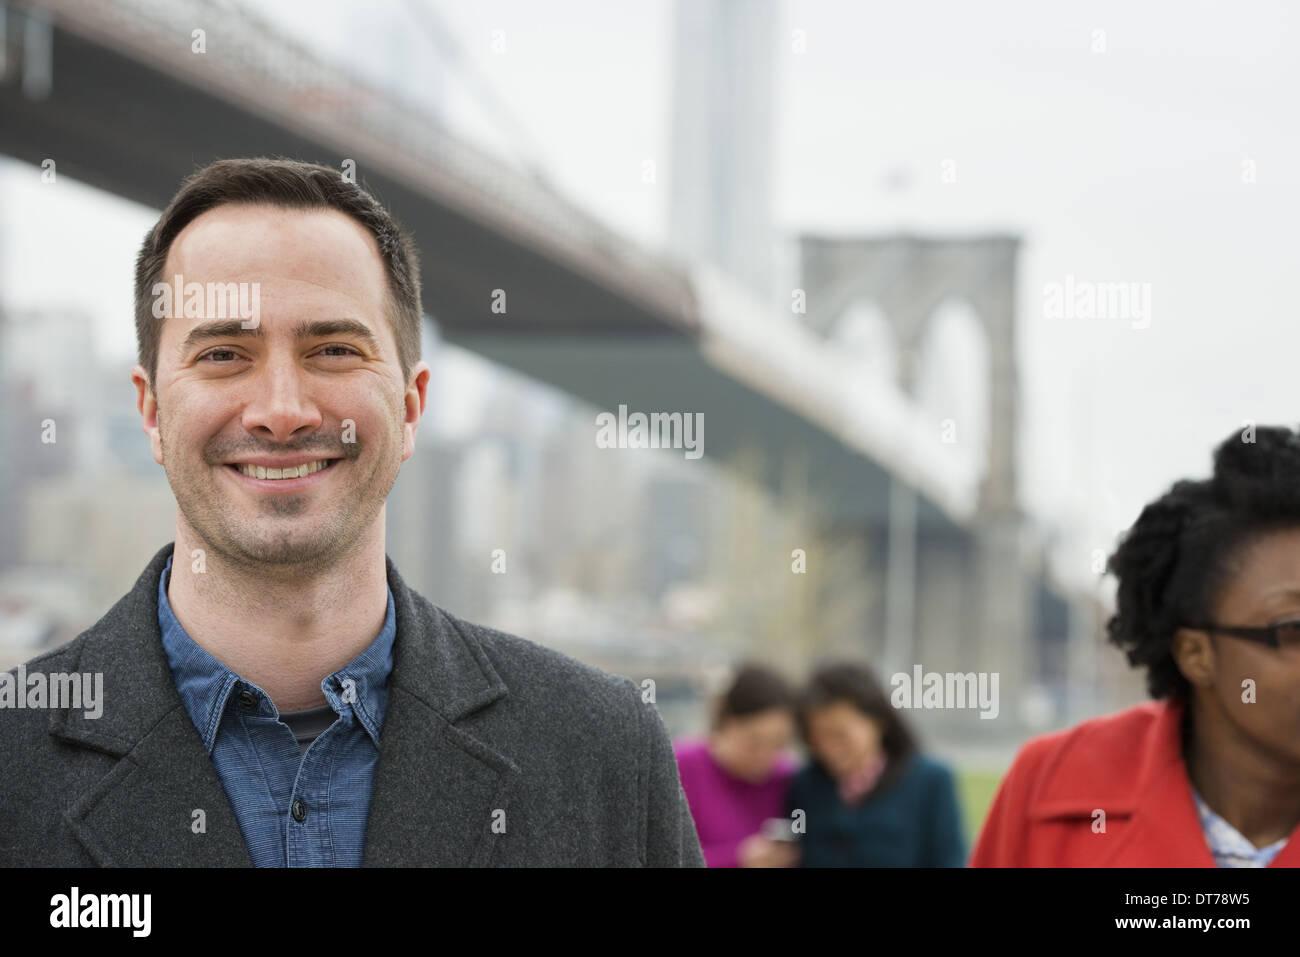 Passage sur la East River. Quatre personnes, deux femmes à la recherche à un téléphone intelligent, et un homme et une femme au premier plan. Photo Stock